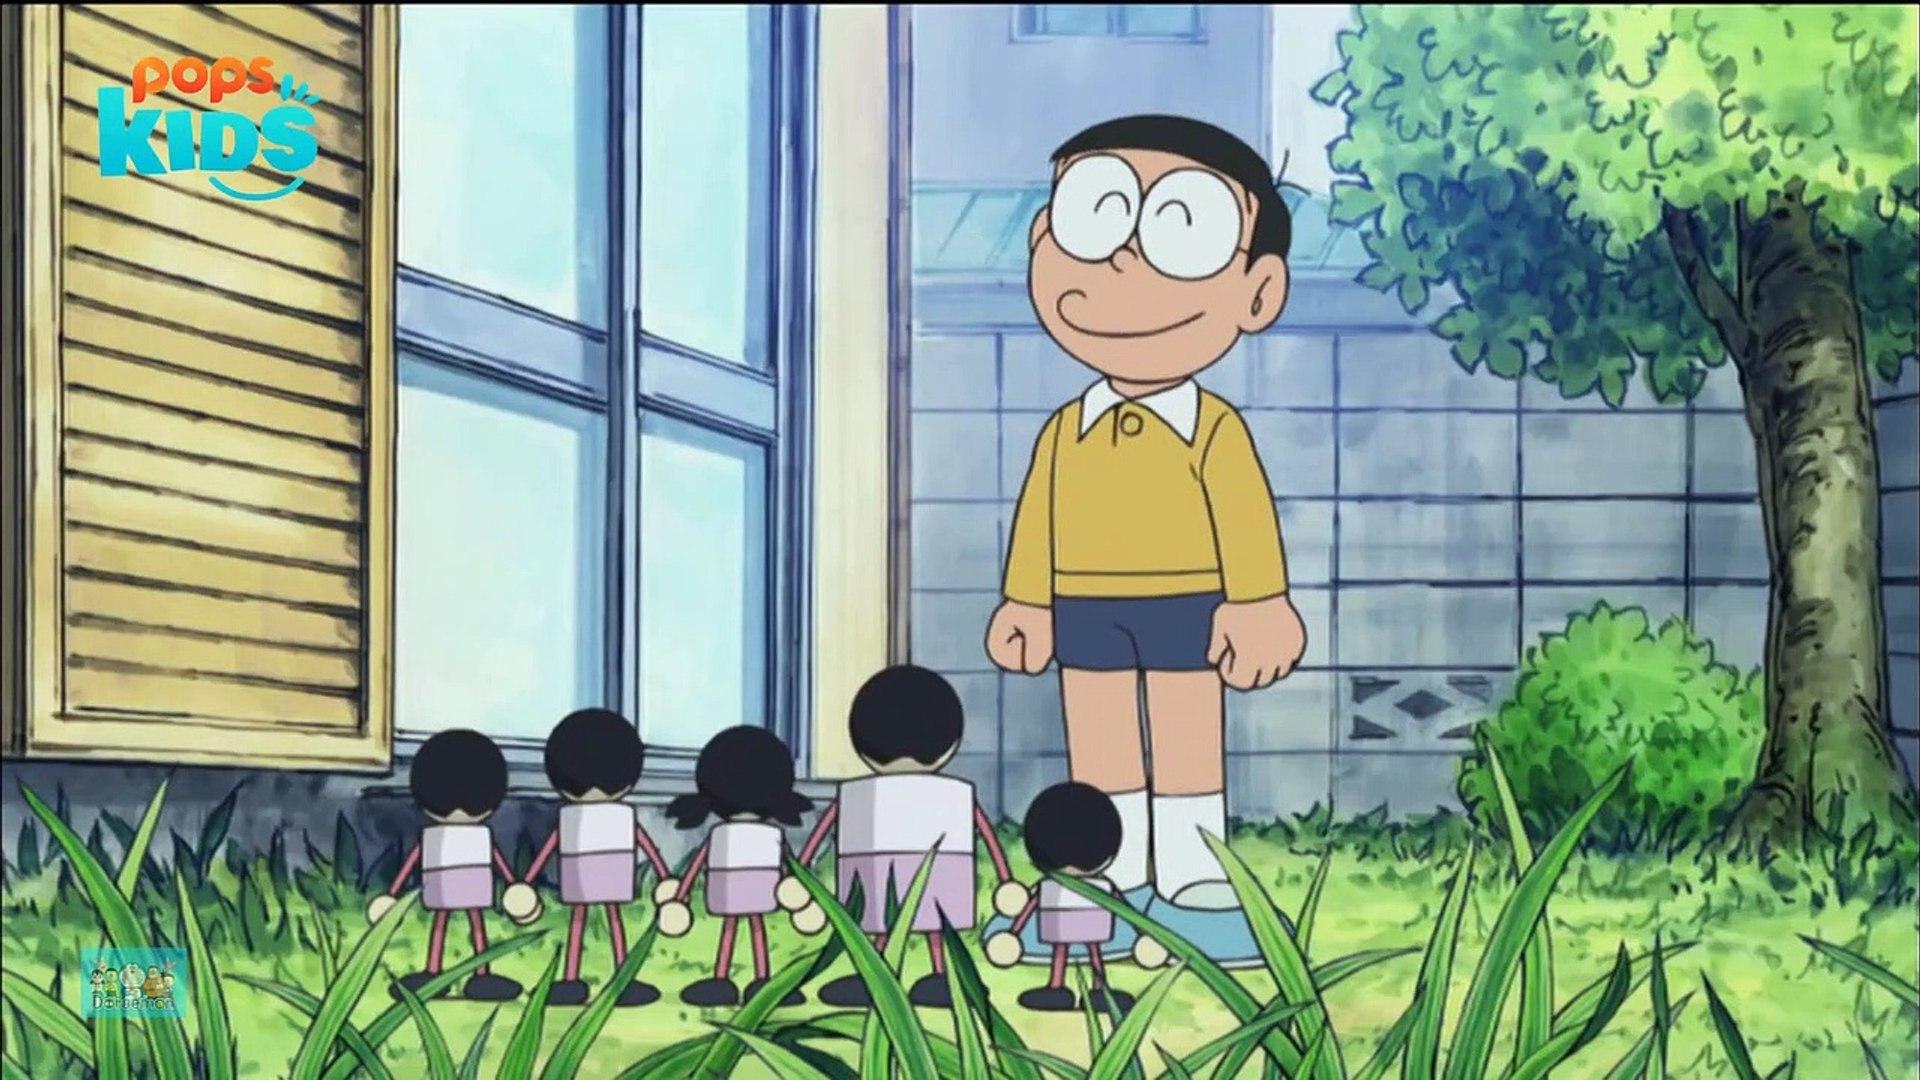 Doraemon Phần 6 - Tập 43 : Không Ai Cần Robot Nobi Giúp Việc & Danh Sách  Gặp Gỡ Của Nobita [Full Programs] - Video Dailymotion